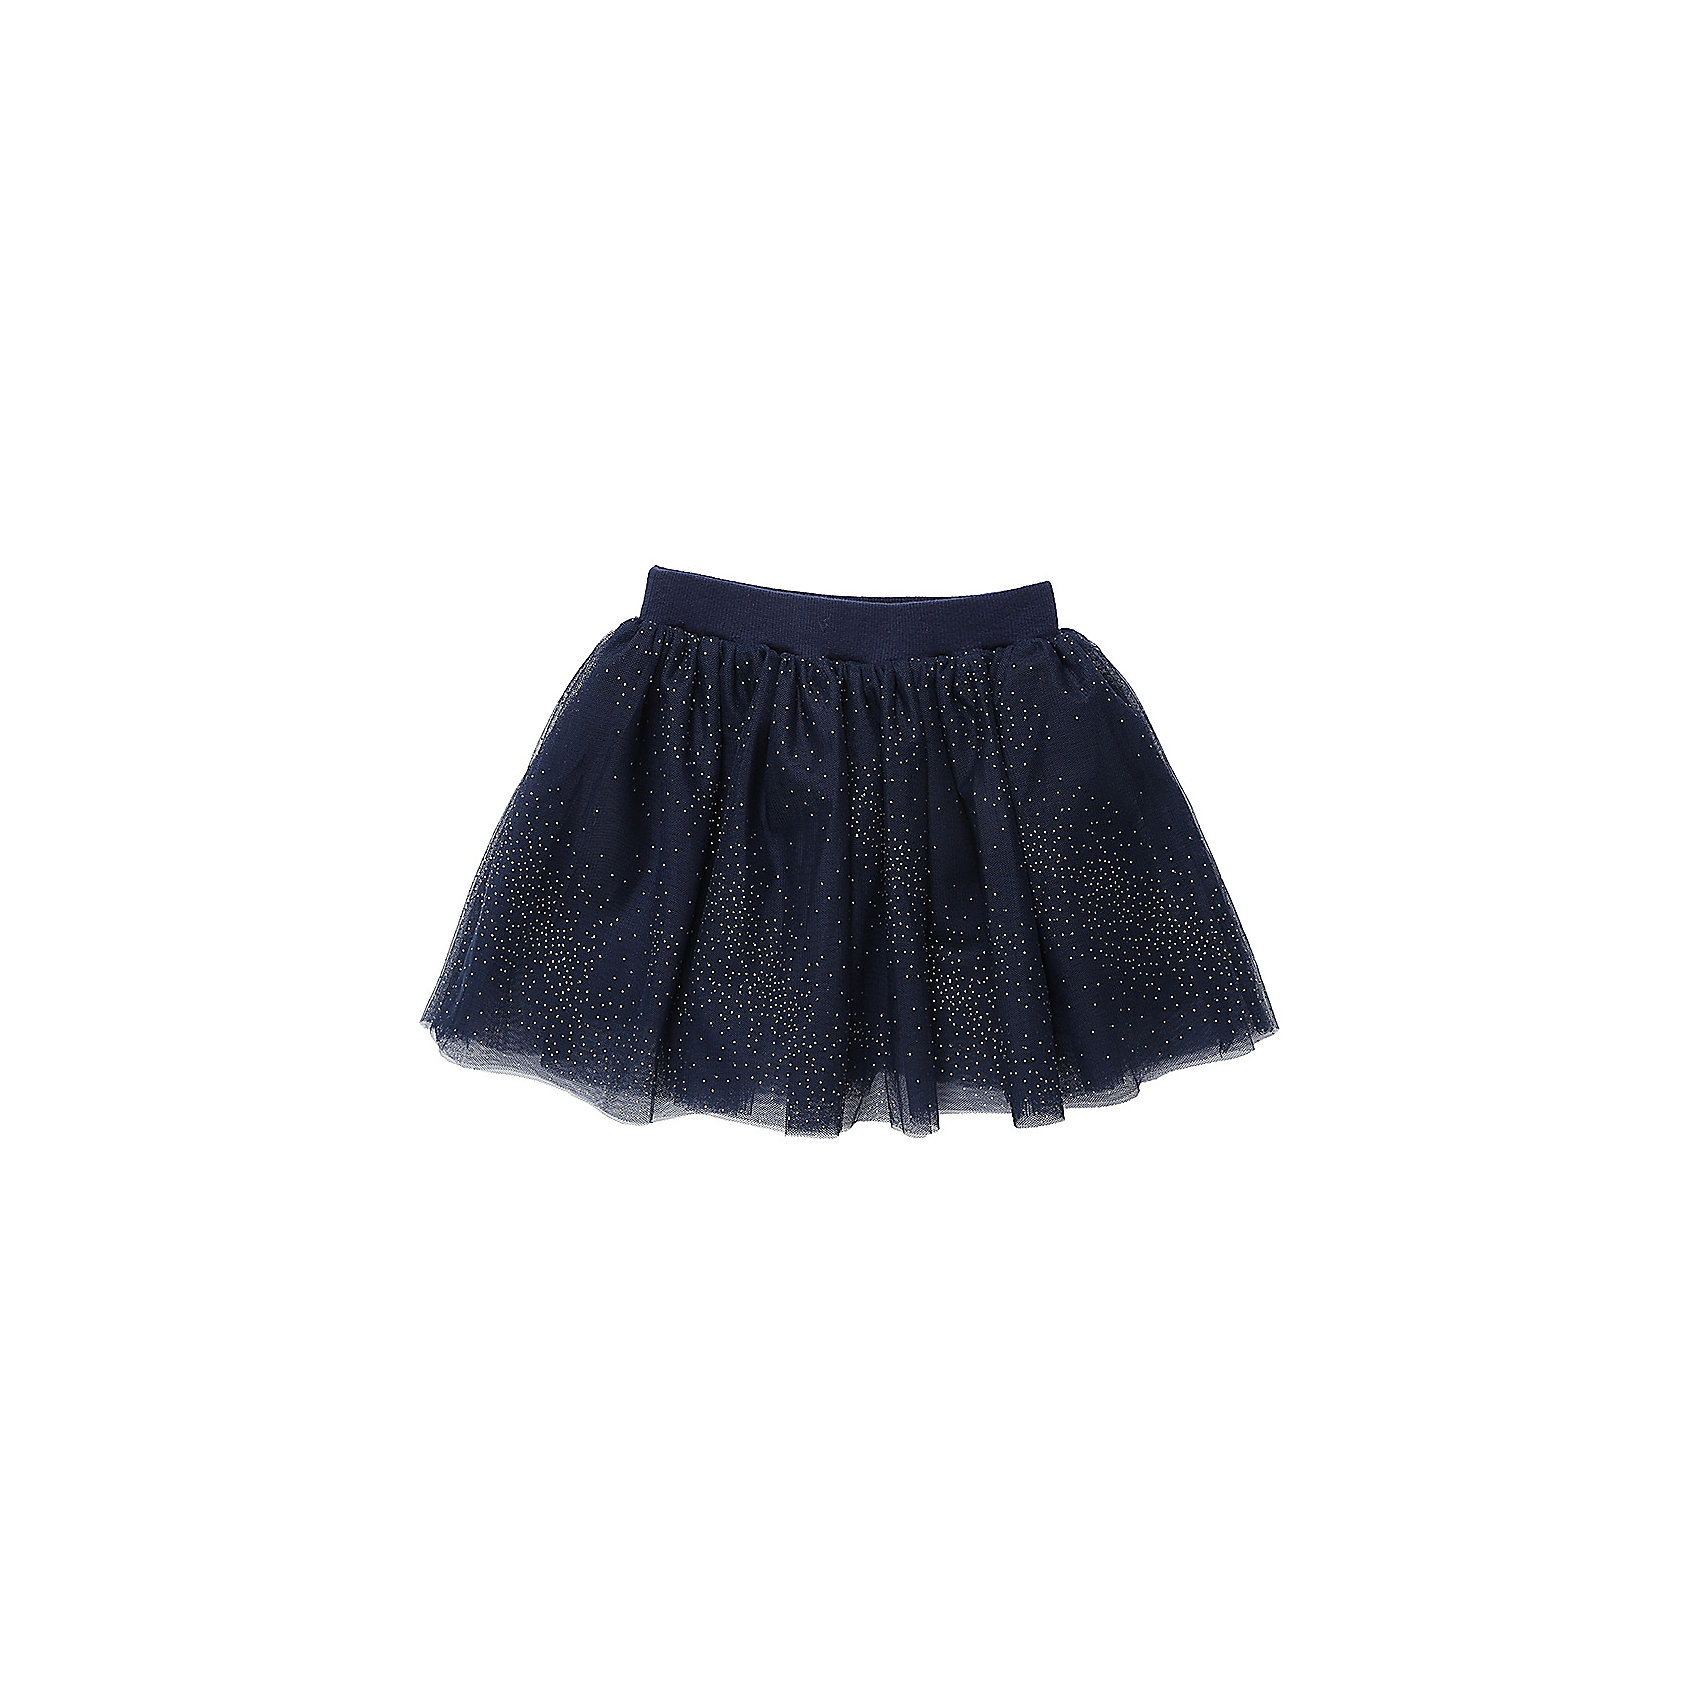 Юбка Sweet Berry для девочкиЮбки<br>Юбка Sweet Berry для девочки<br>Нарядная трикотажная юбка для девочки из фатина декорированная блестками. Хлопковая подкладка, широкий эластичный пояс.<br>Состав:<br>Основная ткань: 100% полиэстер Подкладка: 95% хлопок, 5% эластан<br><br>Ширина мм: 207<br>Глубина мм: 10<br>Высота мм: 189<br>Вес г: 183<br>Цвет: синий<br>Возраст от месяцев: 24<br>Возраст до месяцев: 36<br>Пол: Женский<br>Возраст: Детский<br>Размер: 98,80,86,92<br>SKU: 7094348